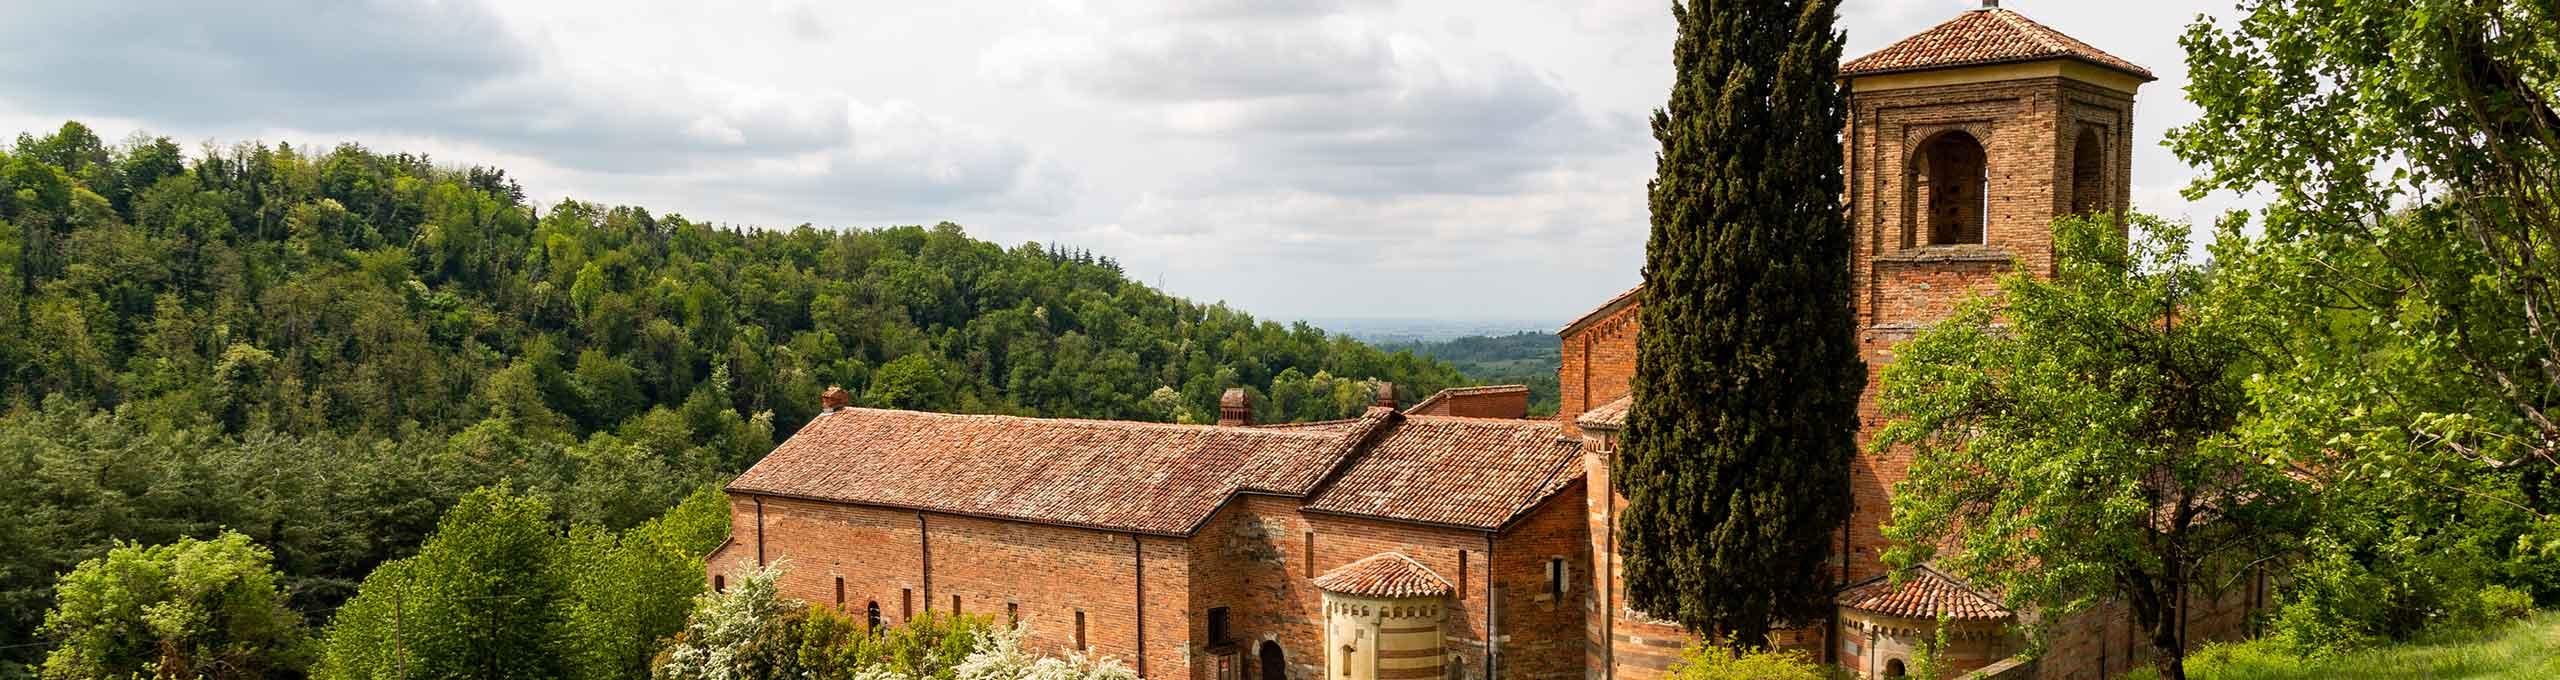 Albugnano, Monferrato Astigiano, Abbazia di Vezzolano